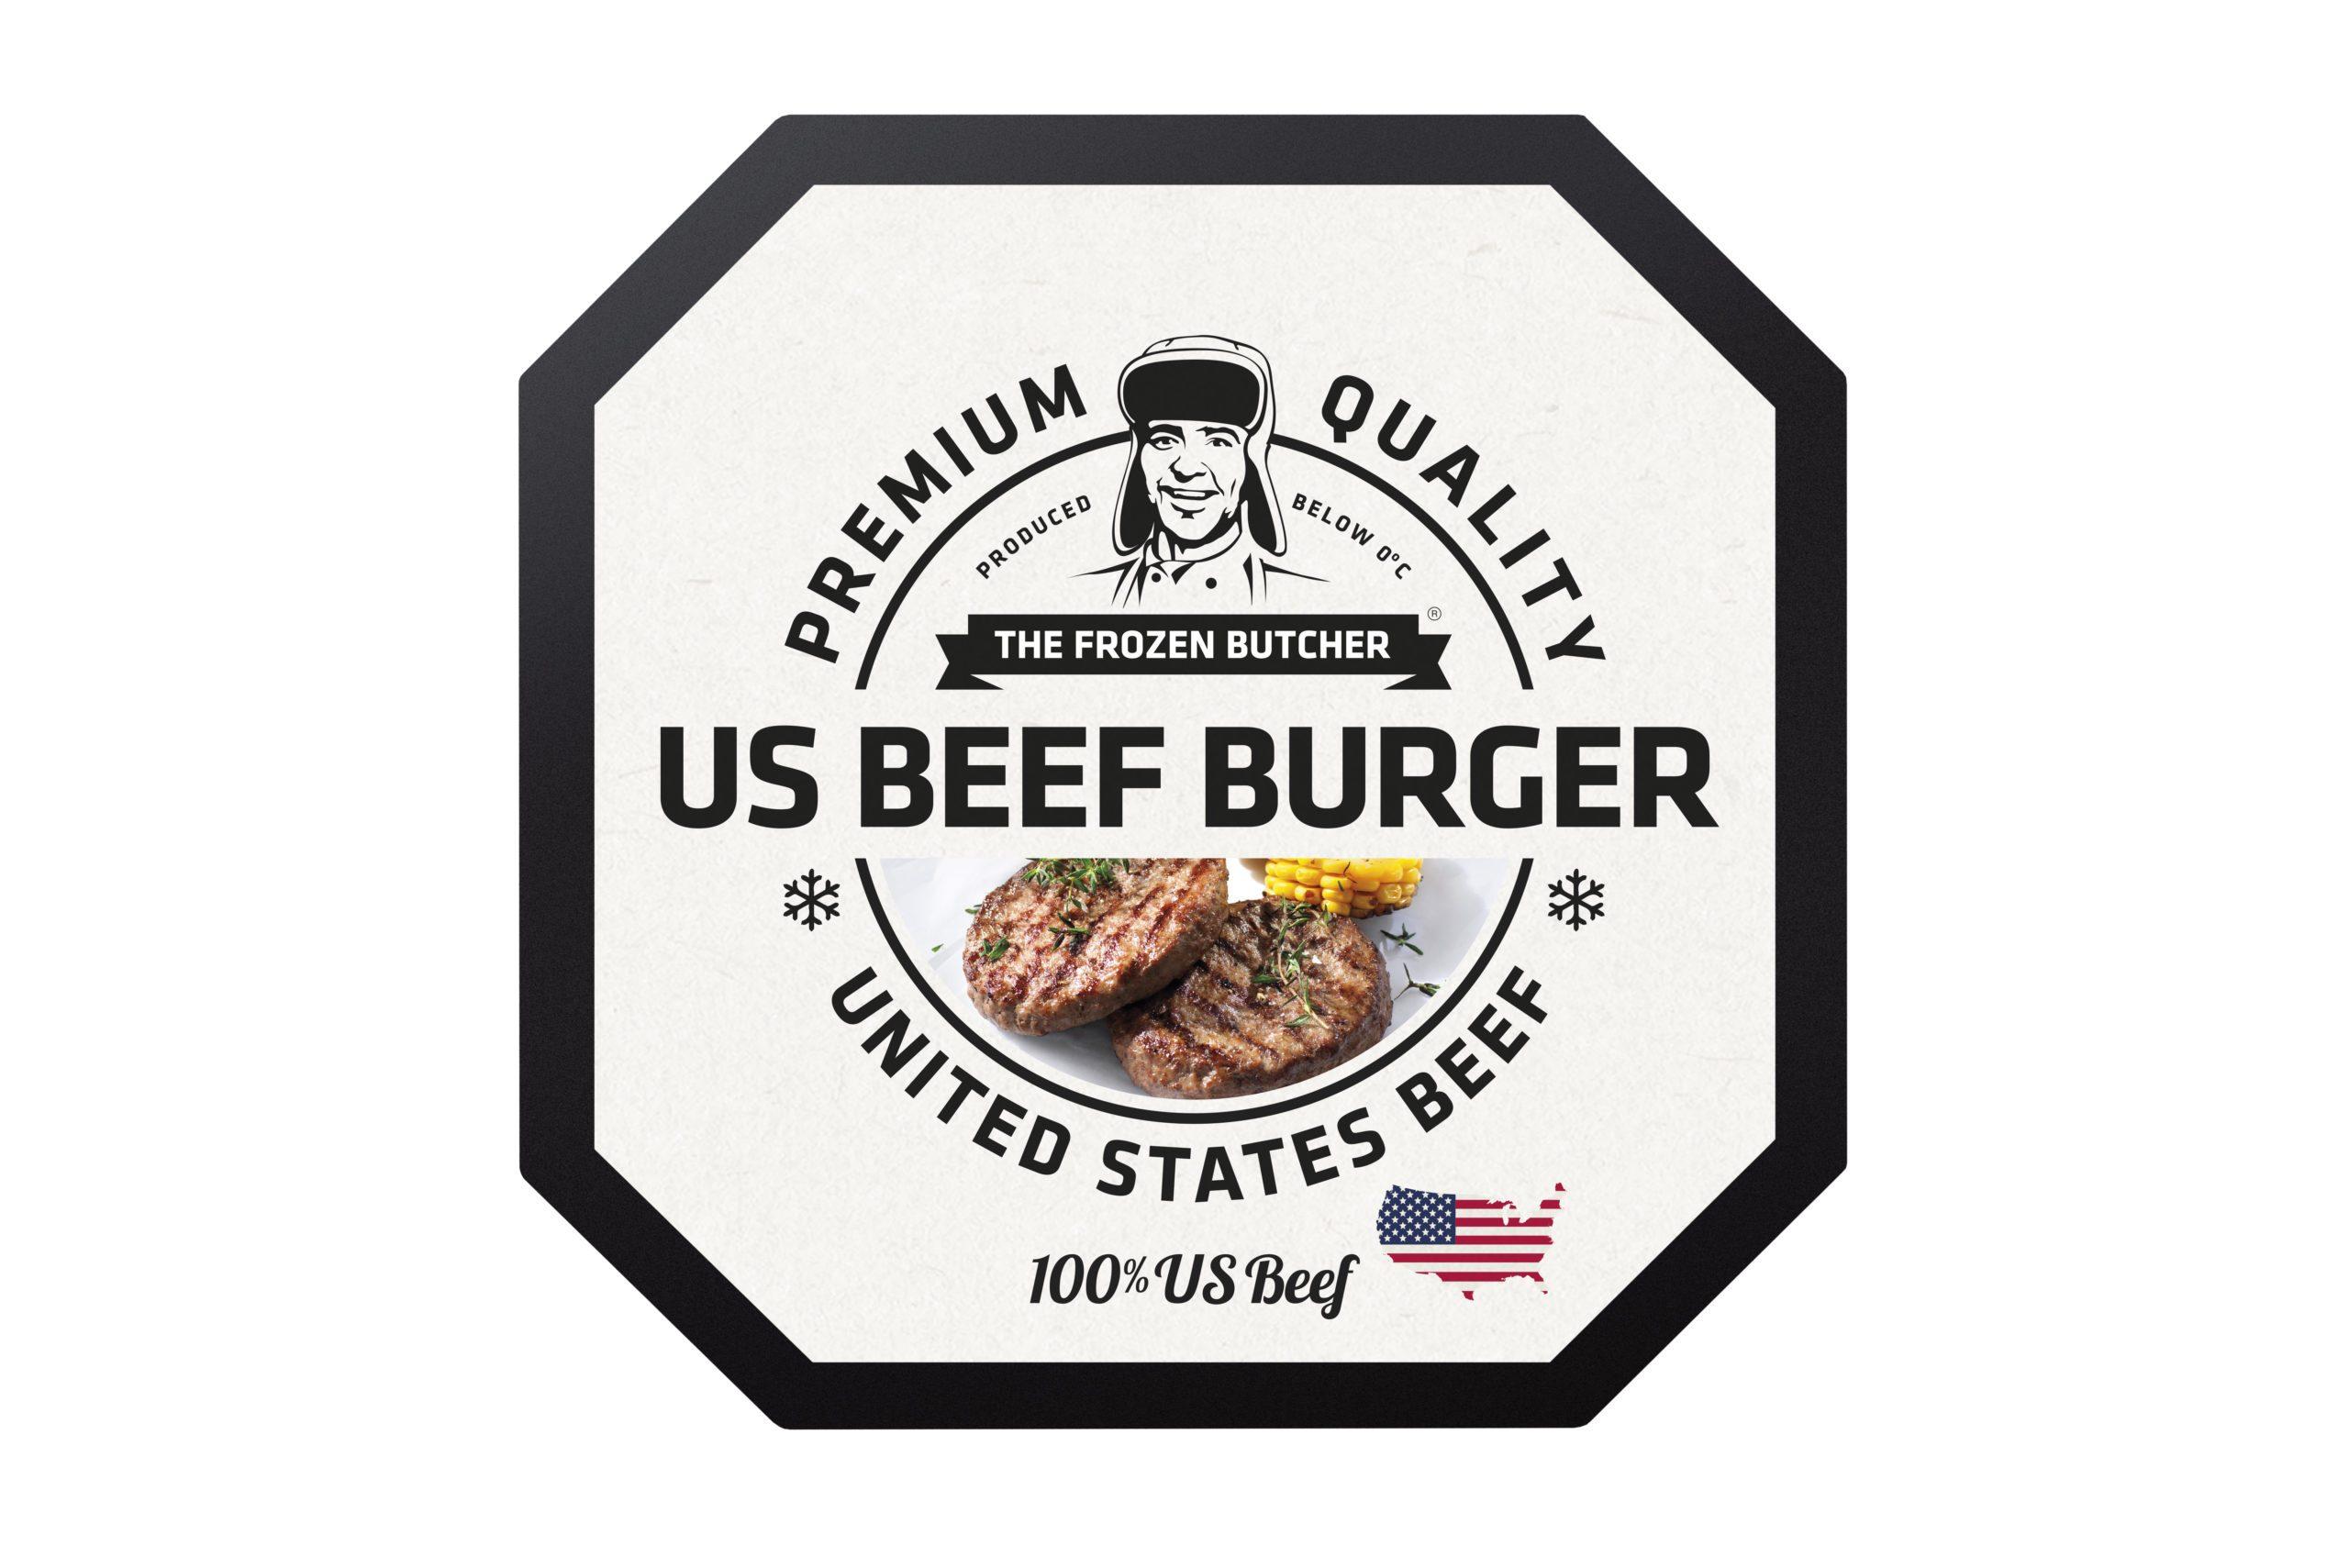 FrozenButcher_US Beef burger